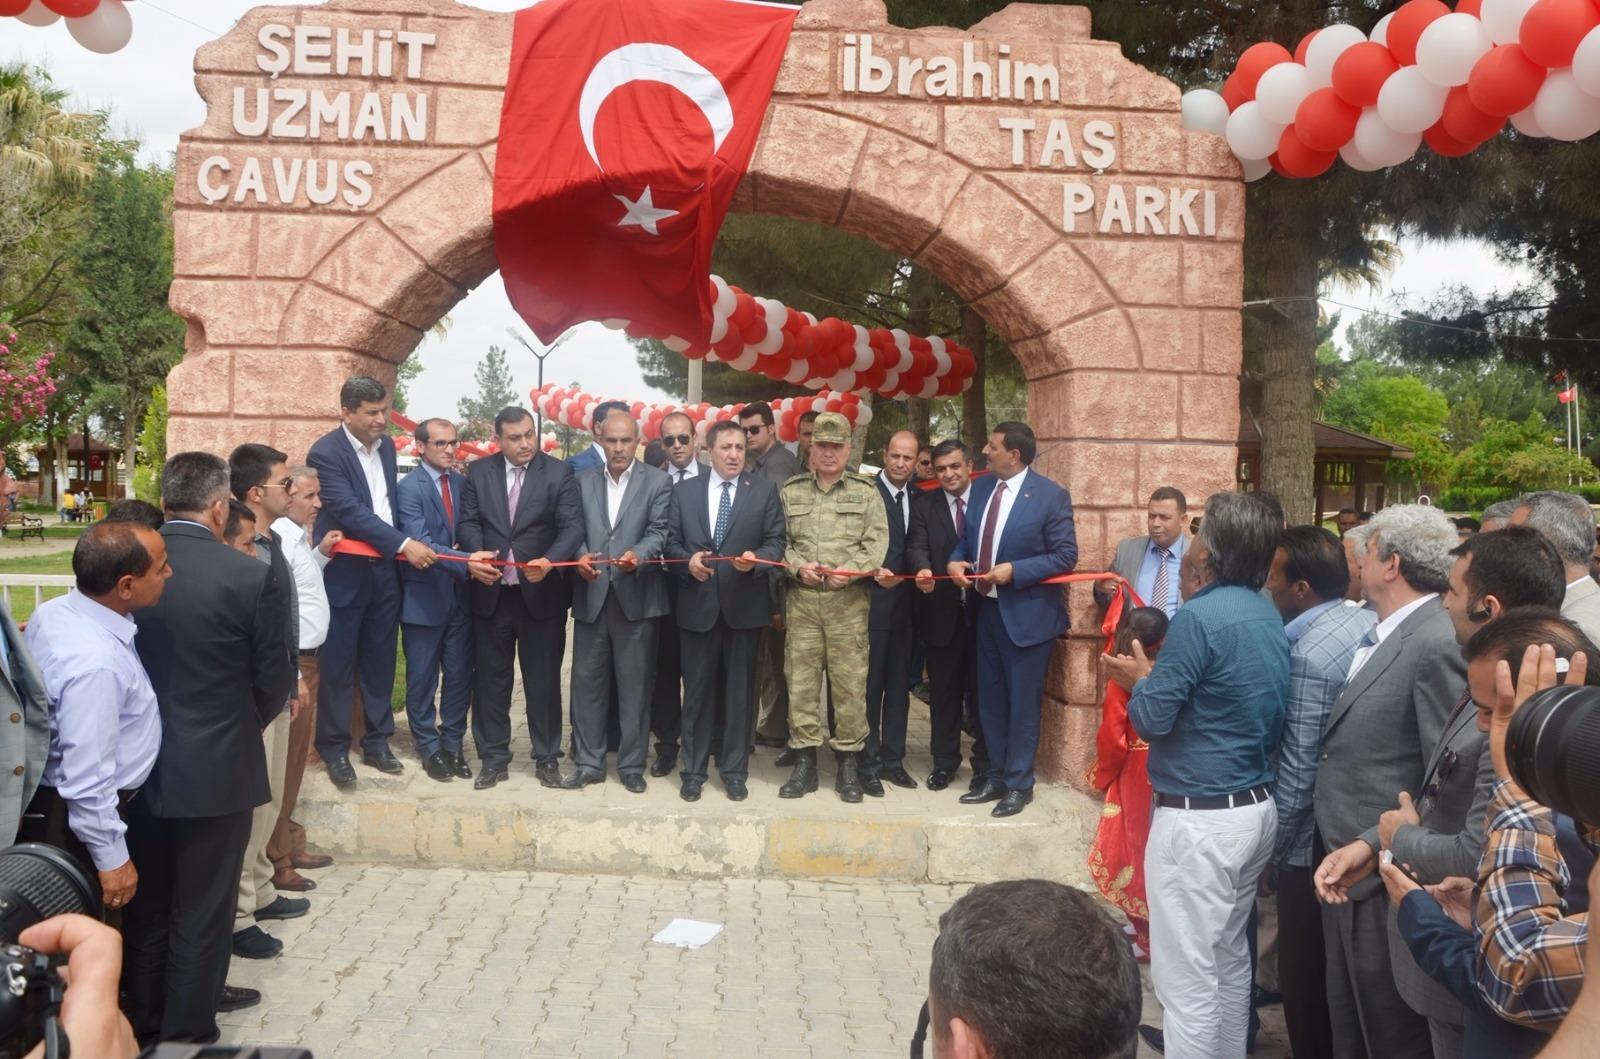 Harran'da şehit İbrahim Taş parkı açıldı